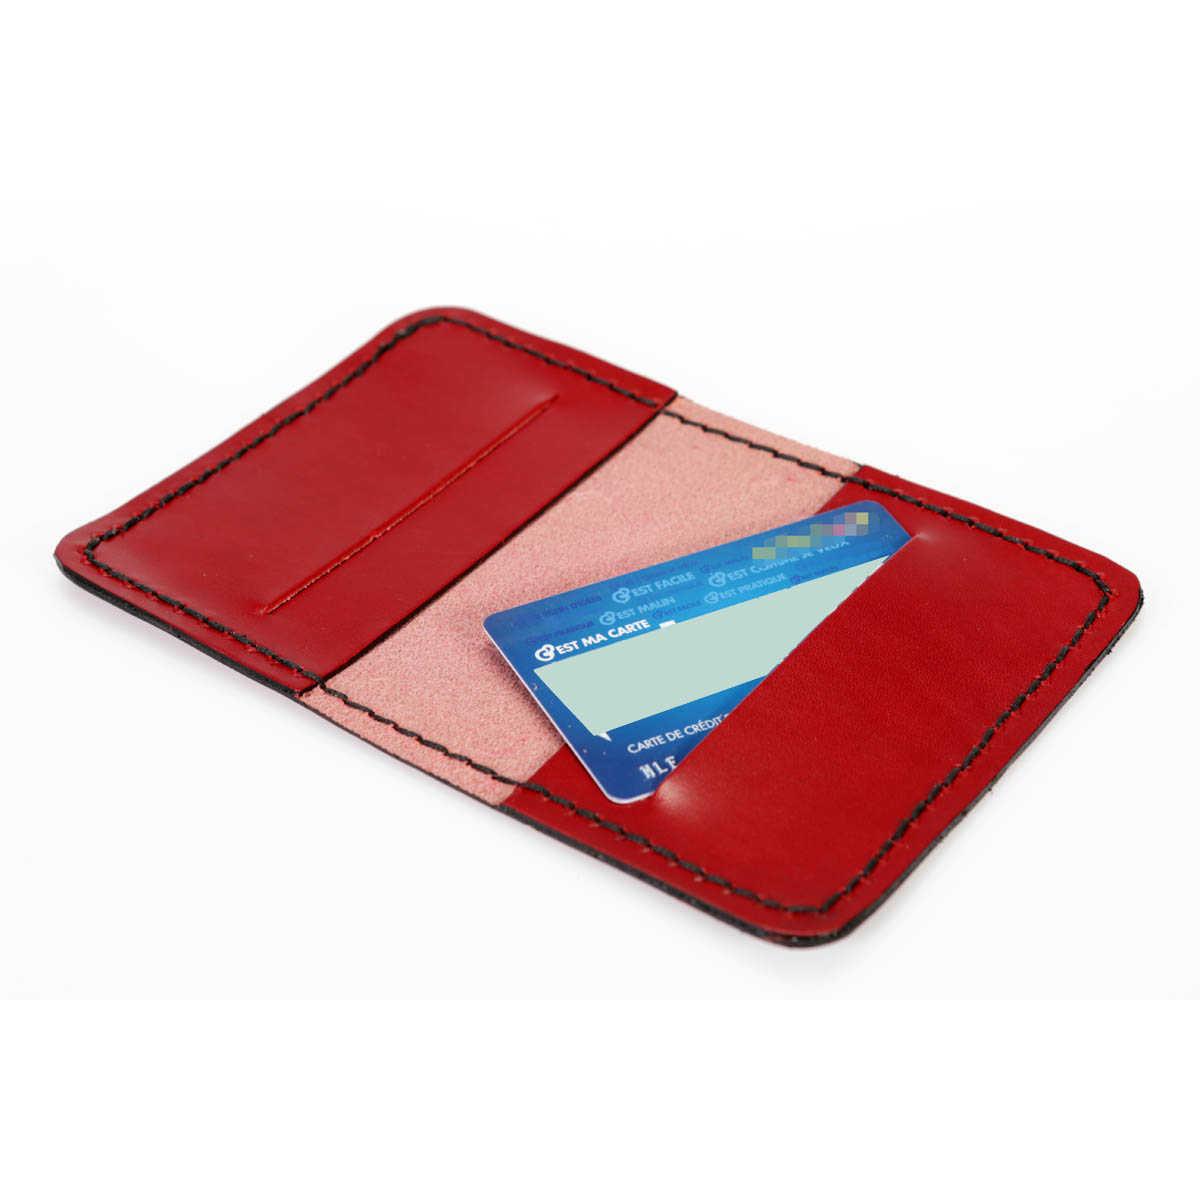 etui pour carte bancaire en cuir rouge cuirs ney